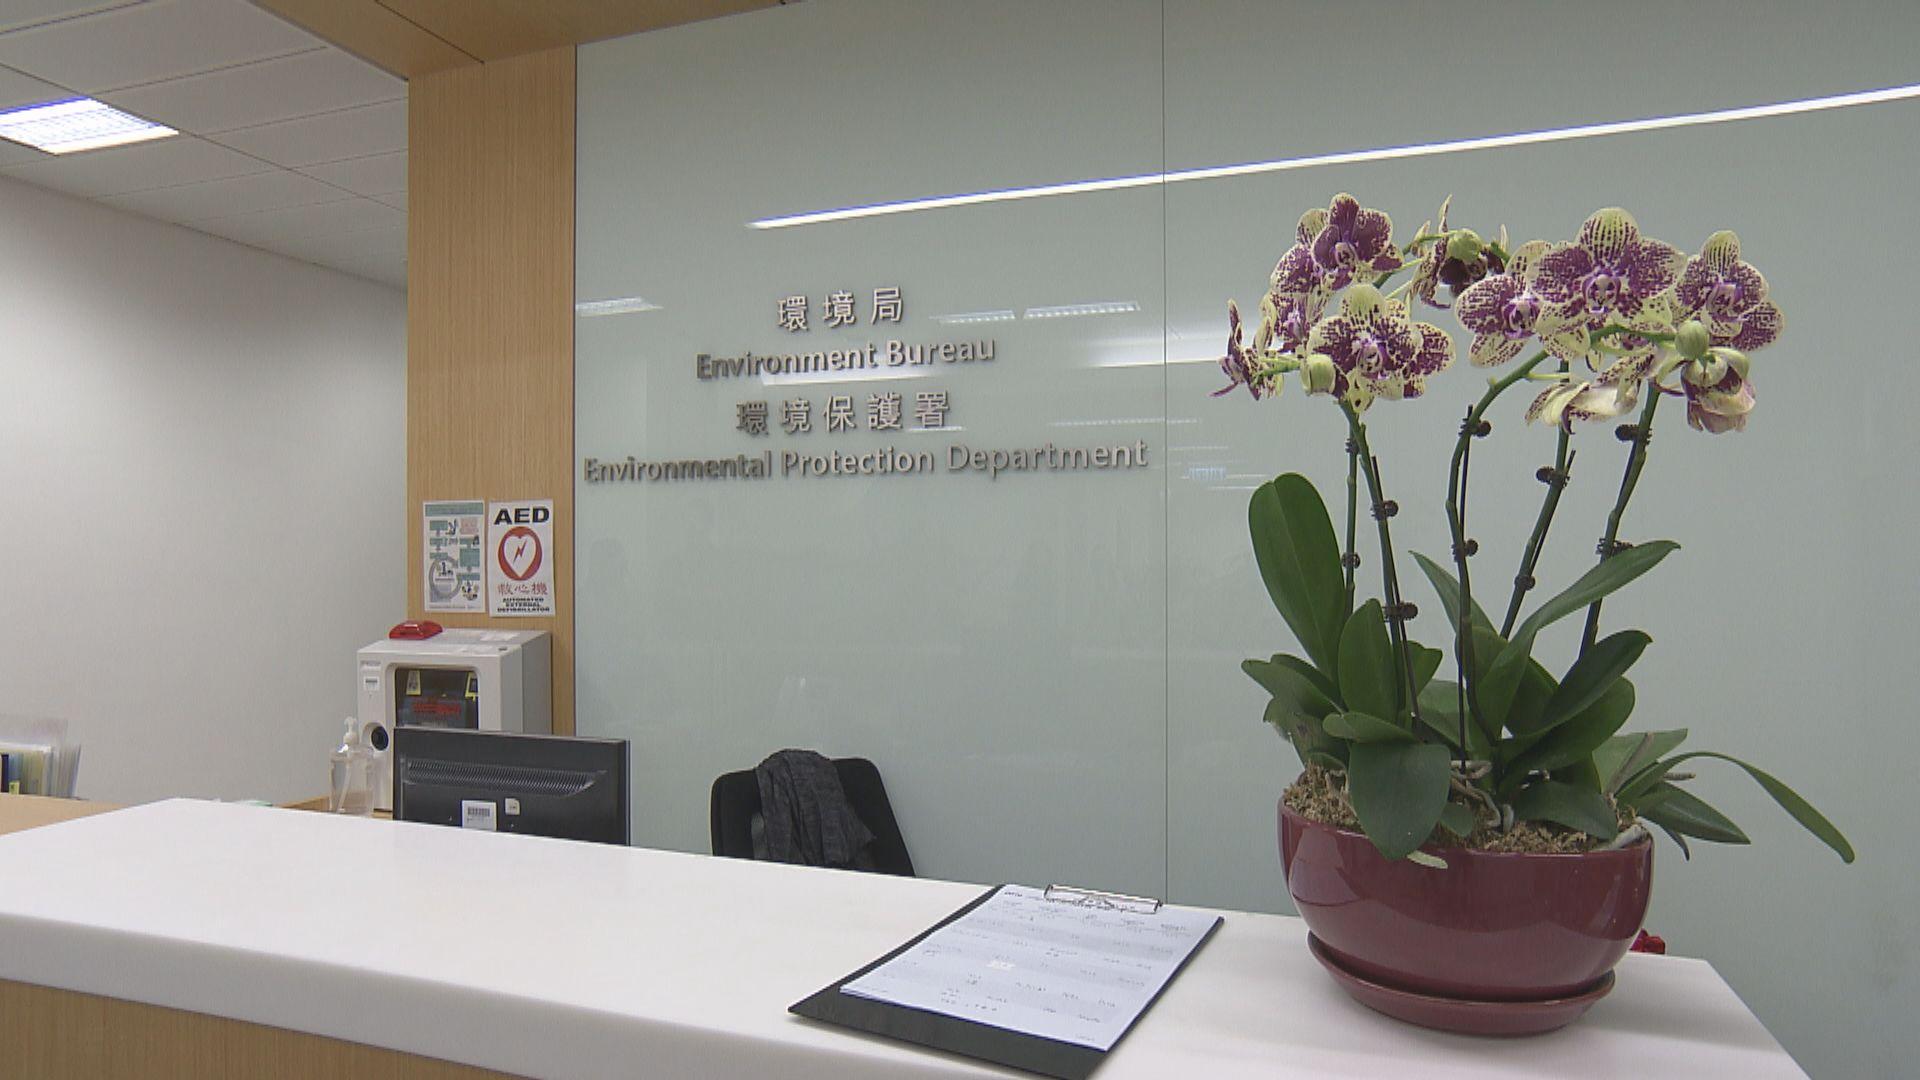 環保署已向化學廢物處理中心發出停工通知書